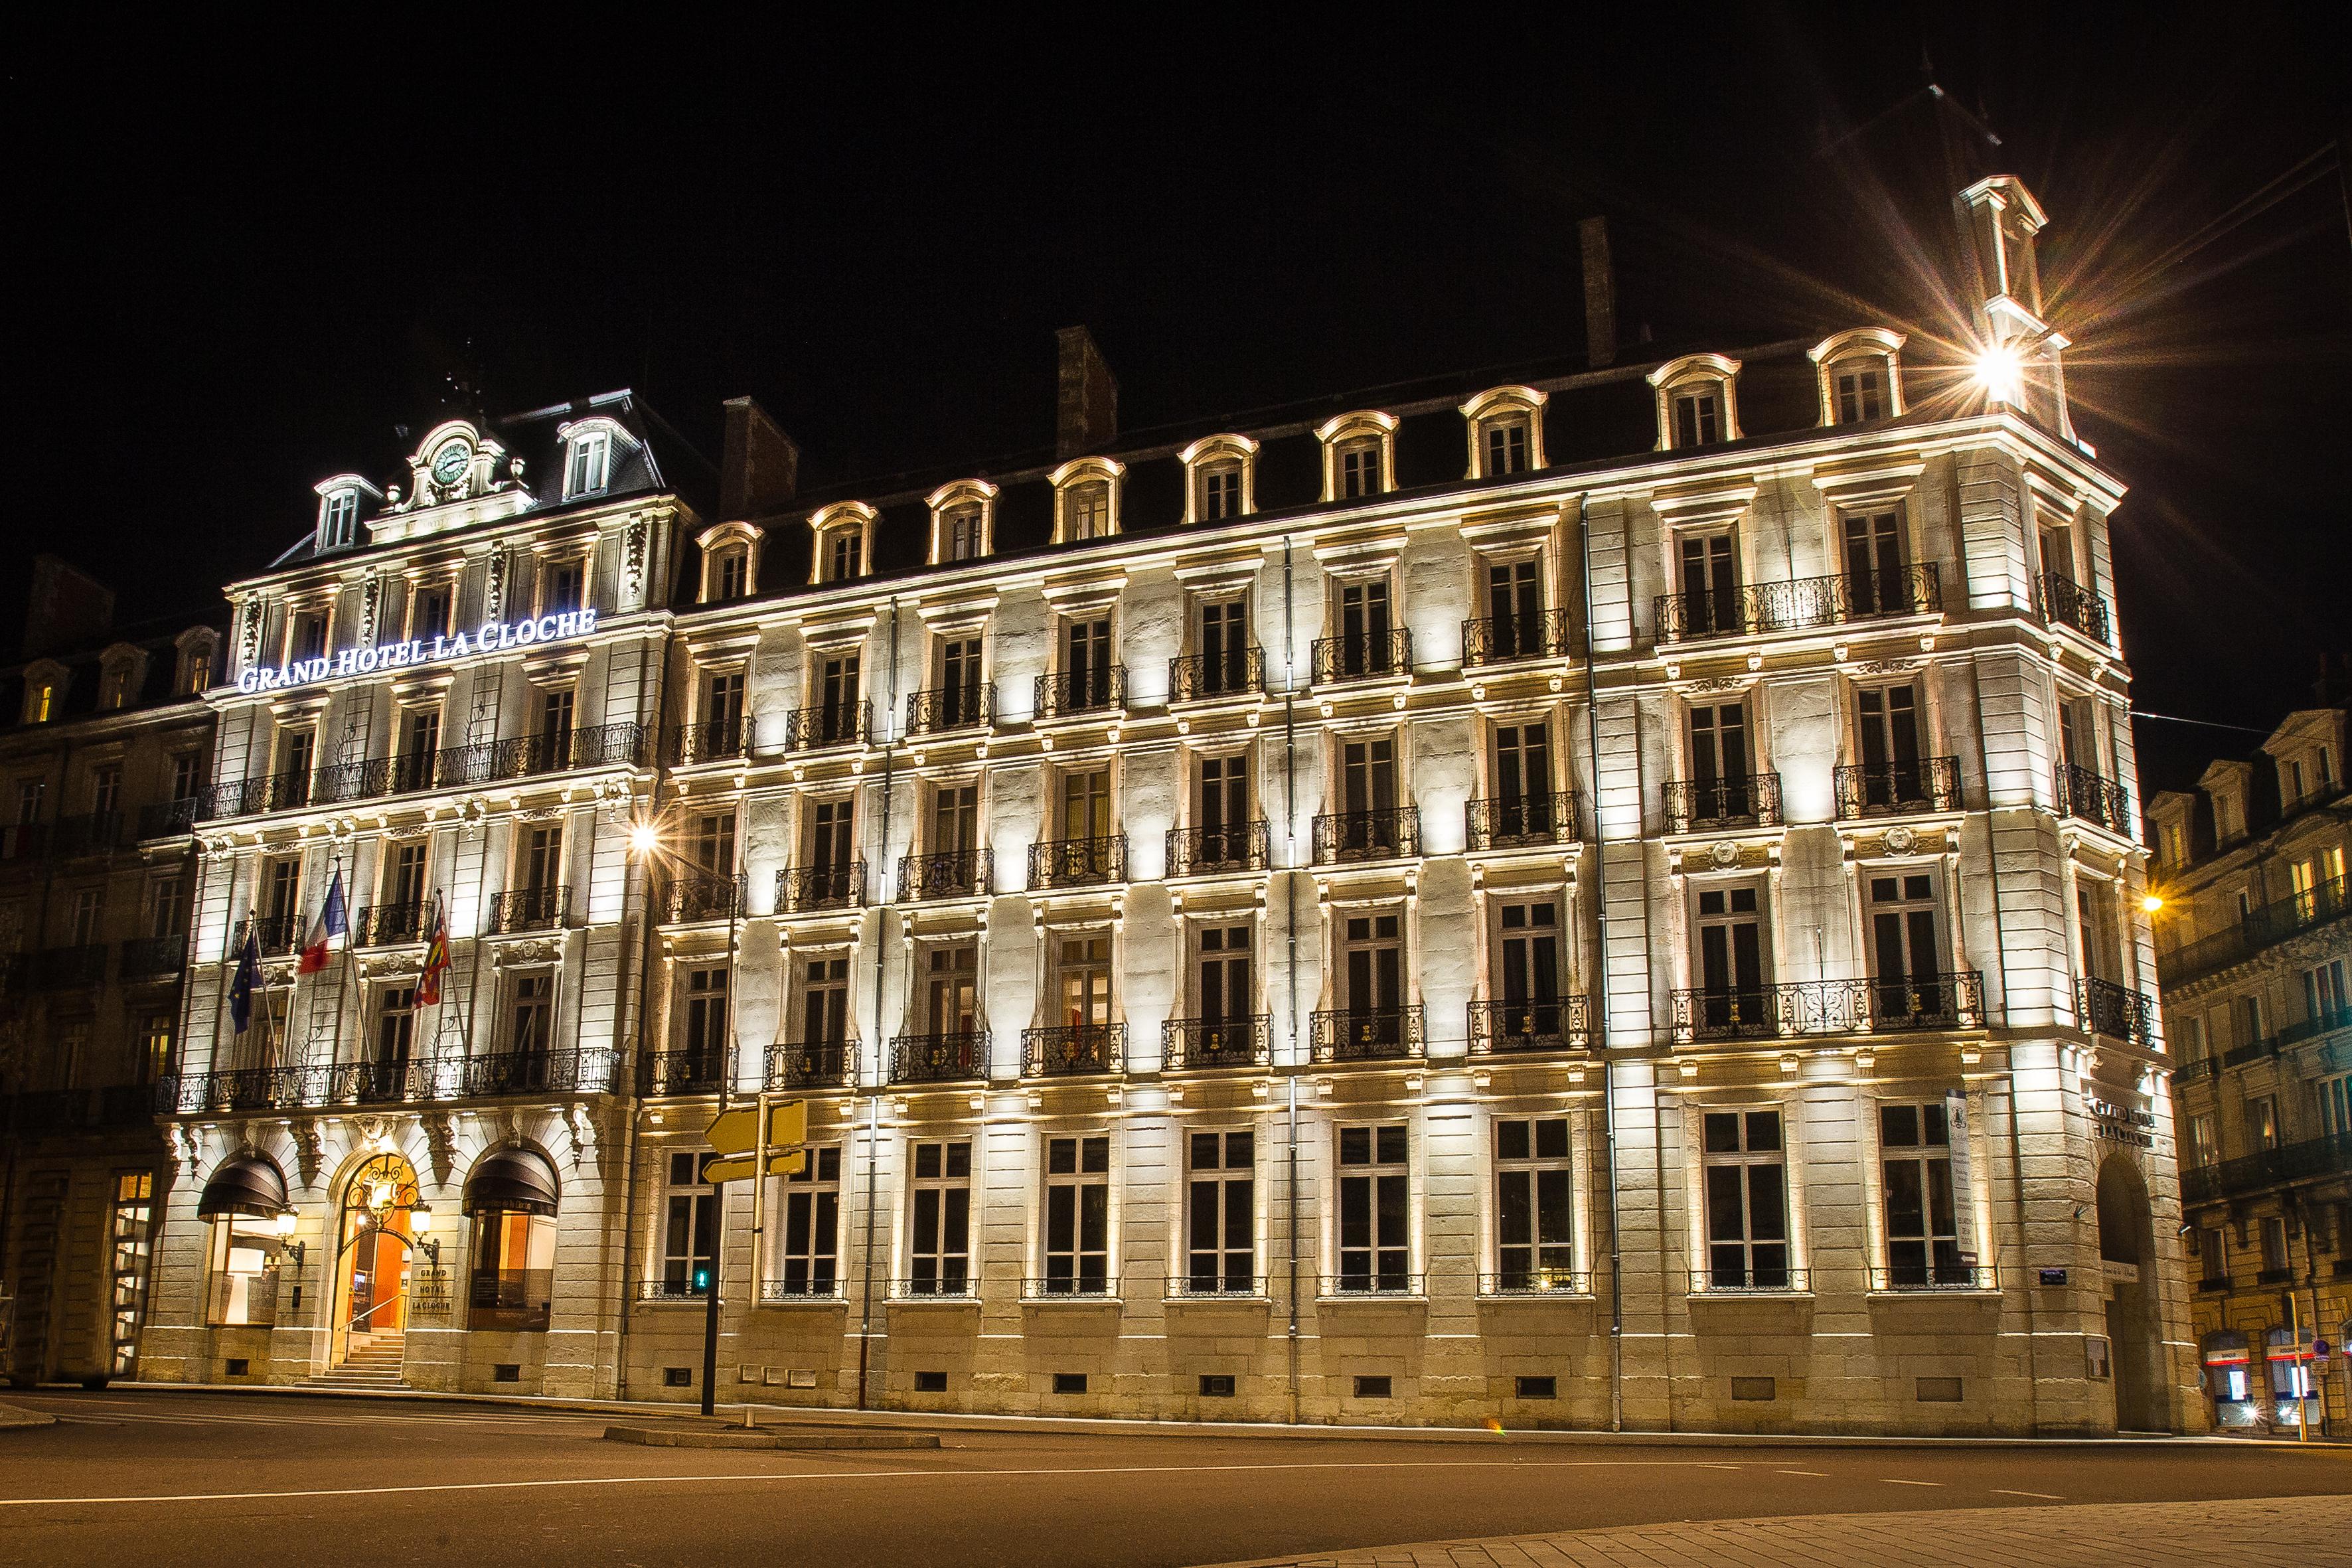 Façade Grand Hôtel La Cloche